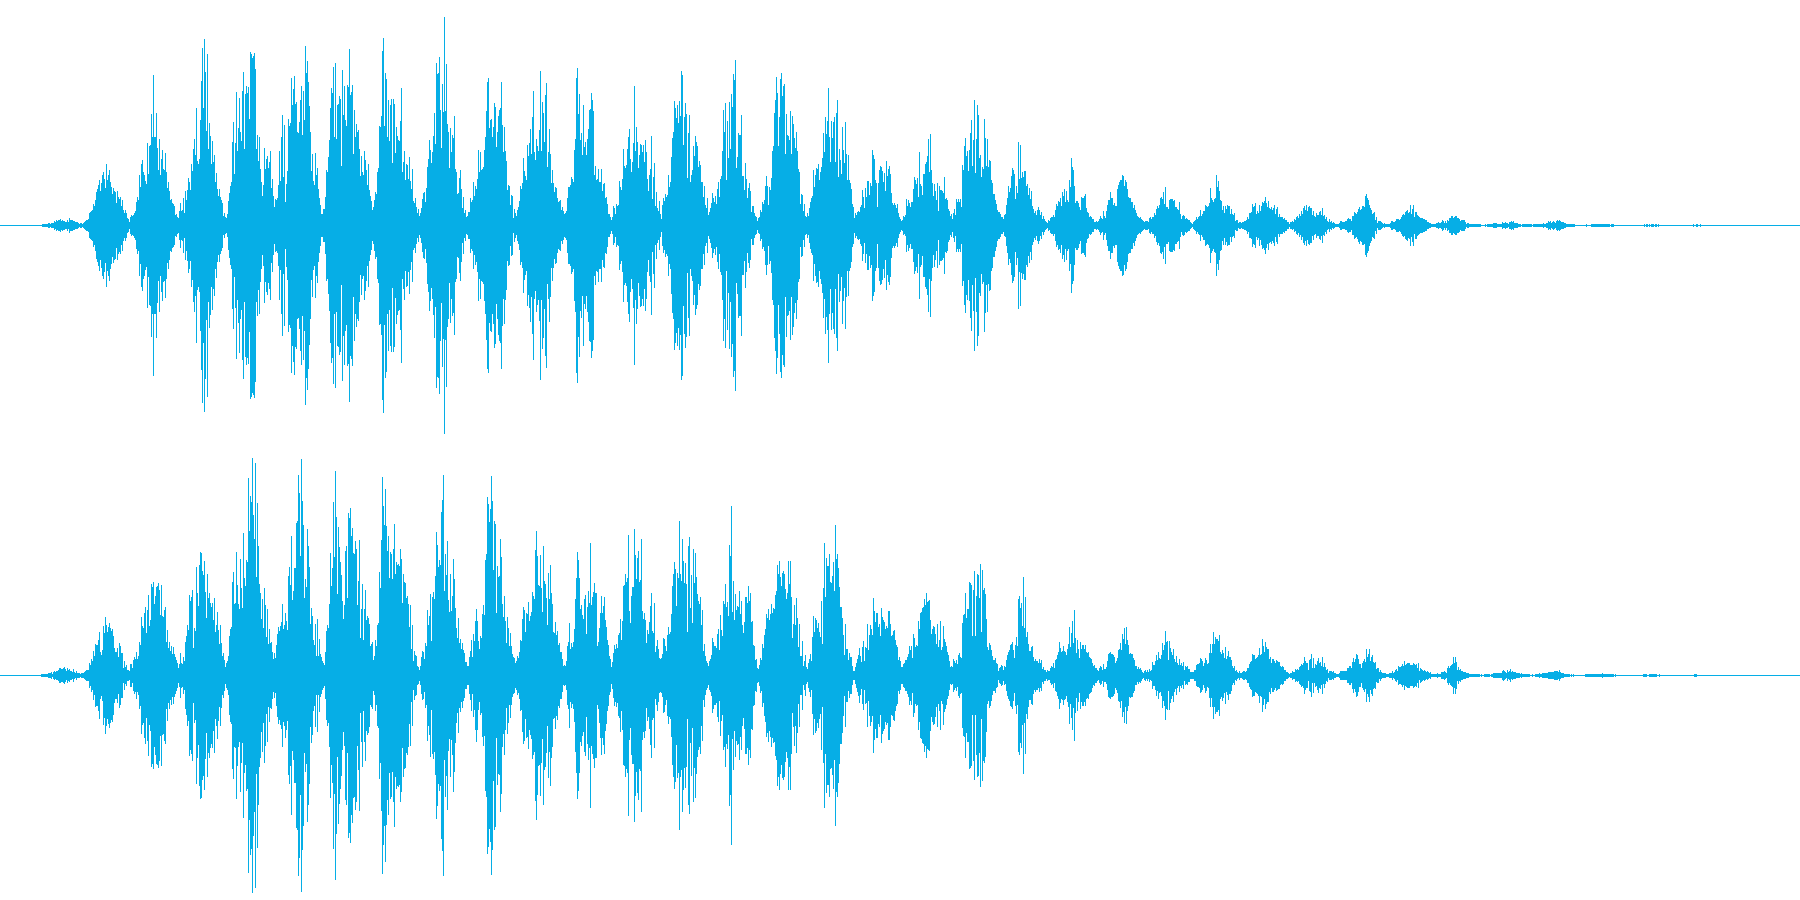 フルアァーッ(モンスター、声、鳥系)の再生済みの波形